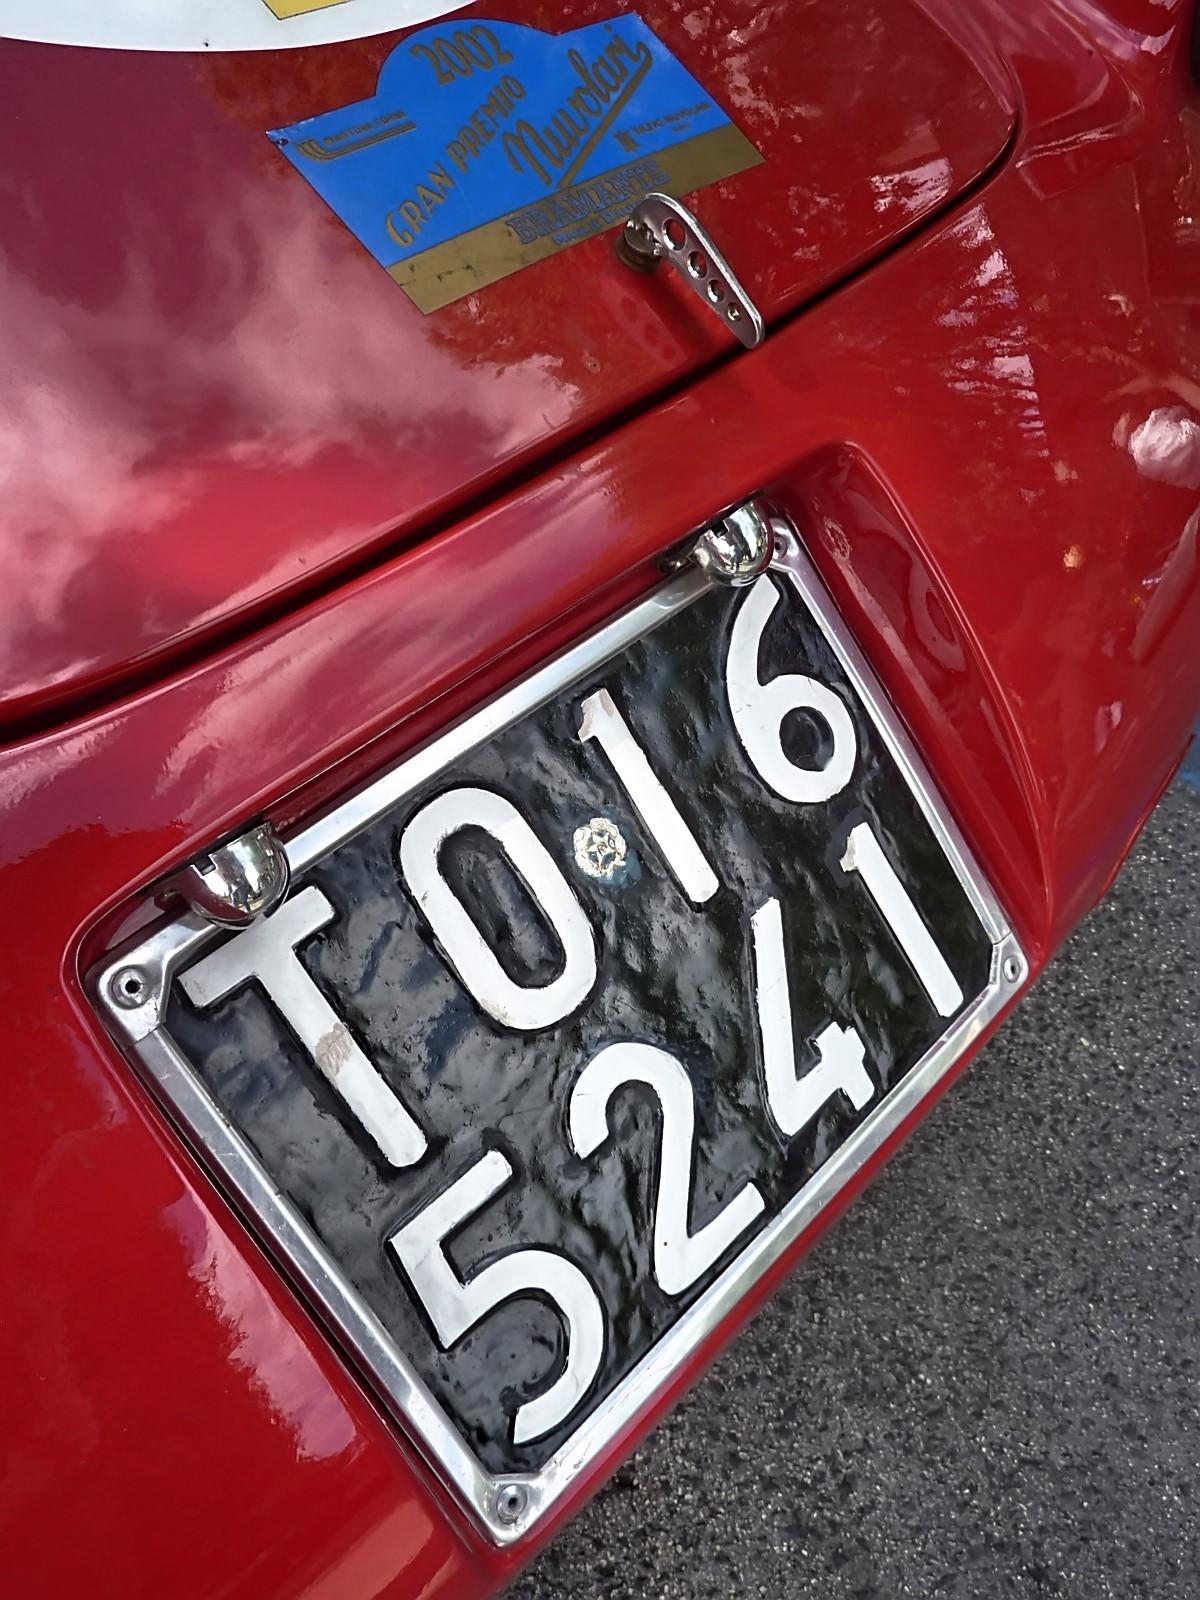 1954 Fiat 1100 Sport Barchetta Patriarca Pininfarina (13)